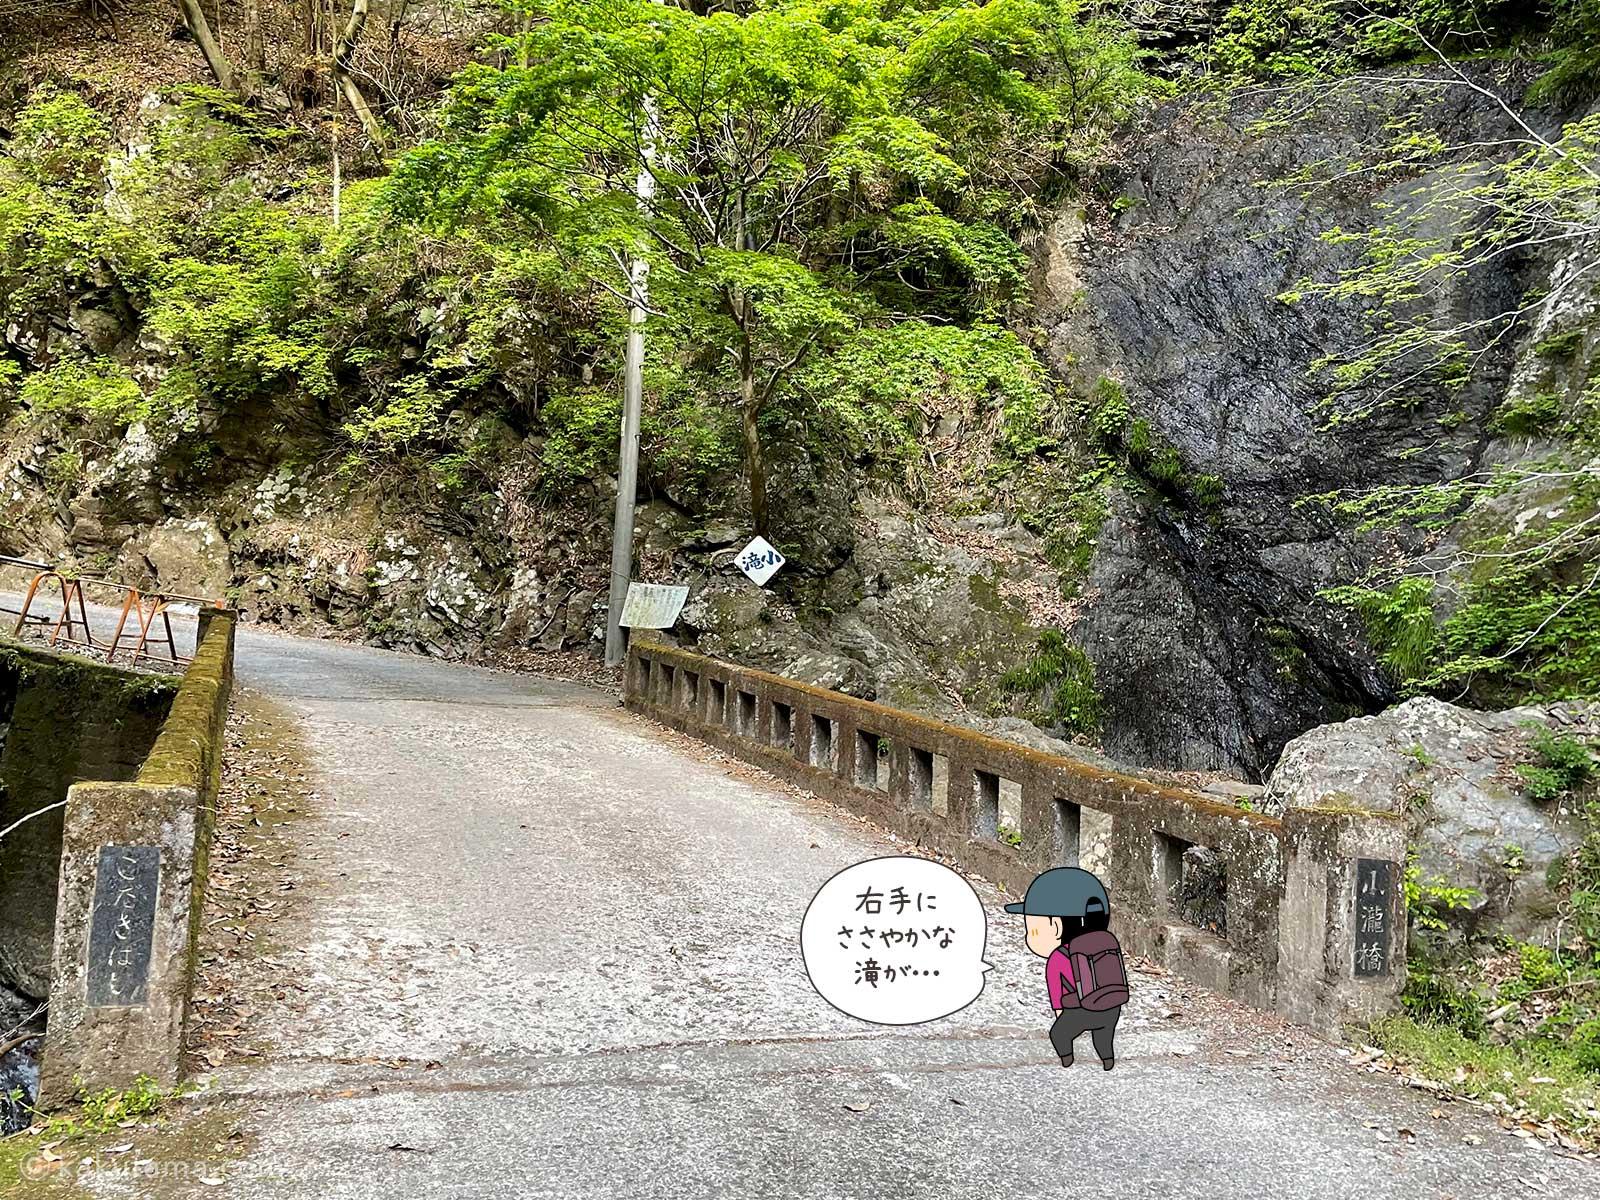 大岳山鍾乳洞へ向かって進む2